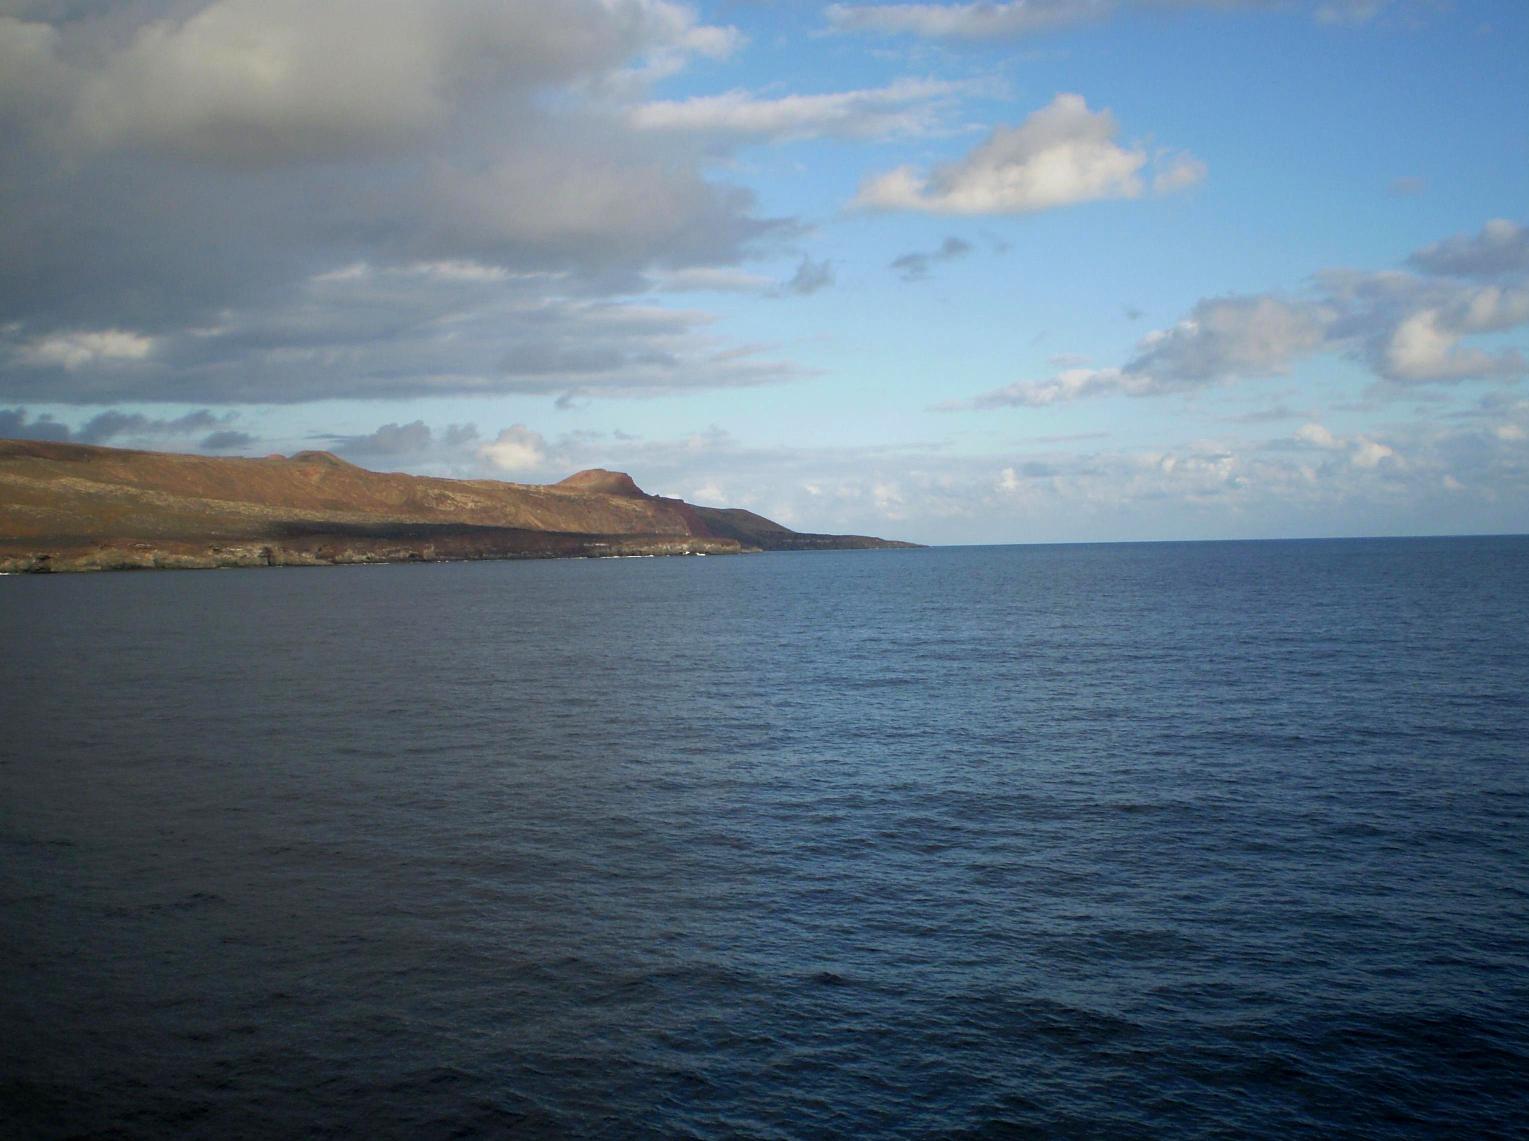 Reserva Marina Del Entorno De Punta De La Restinga Mar De Las Calmas